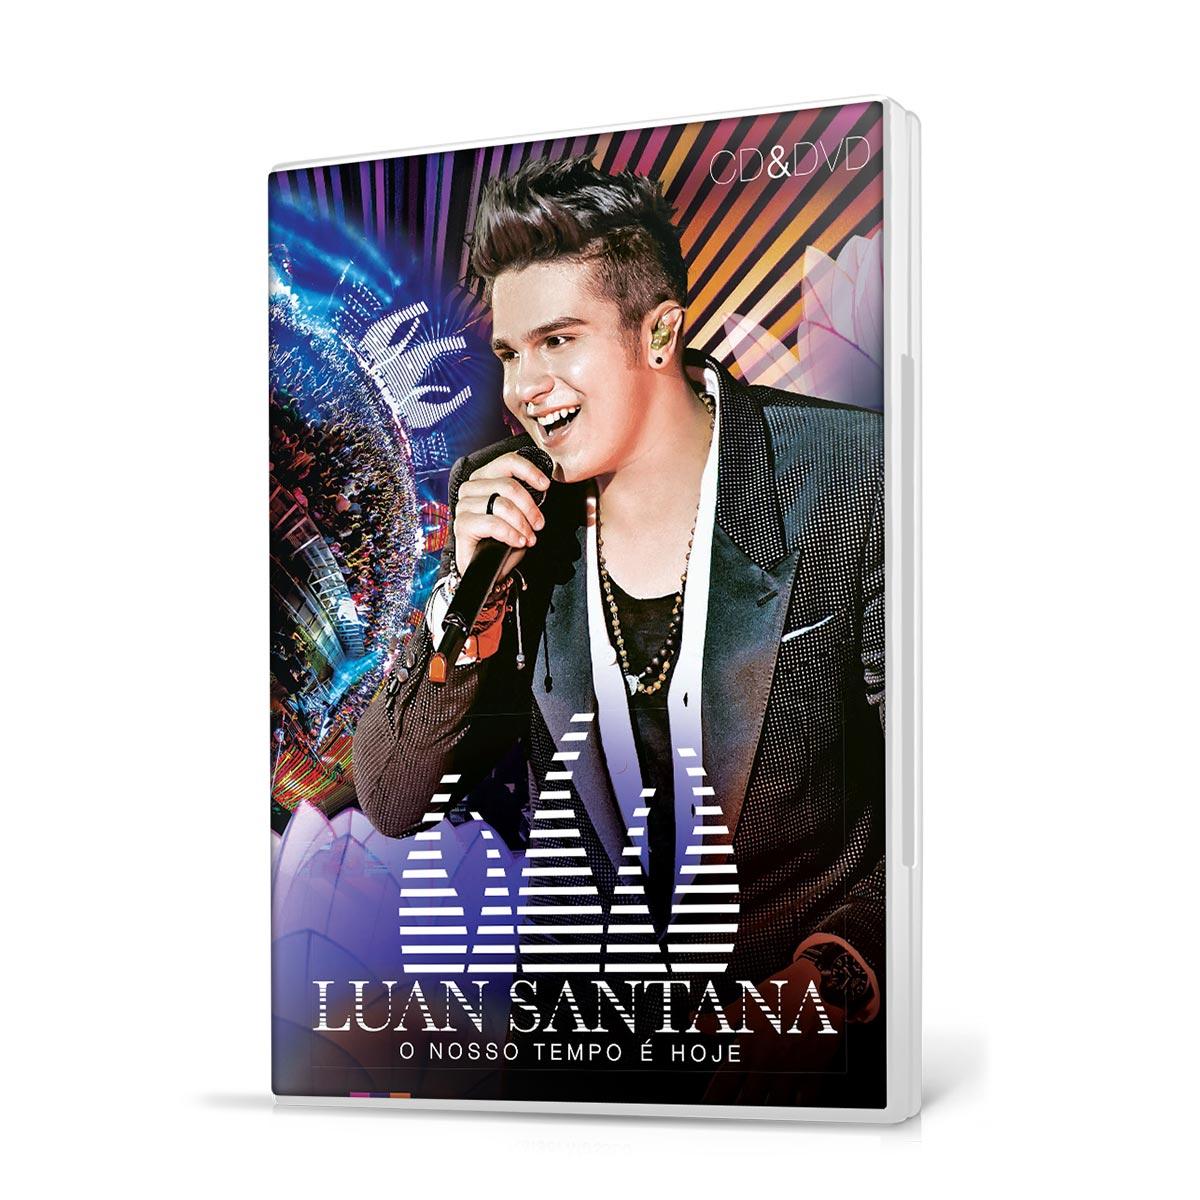 KIT CD+DVD Luan Santana O Nosso Tempo é Hoje